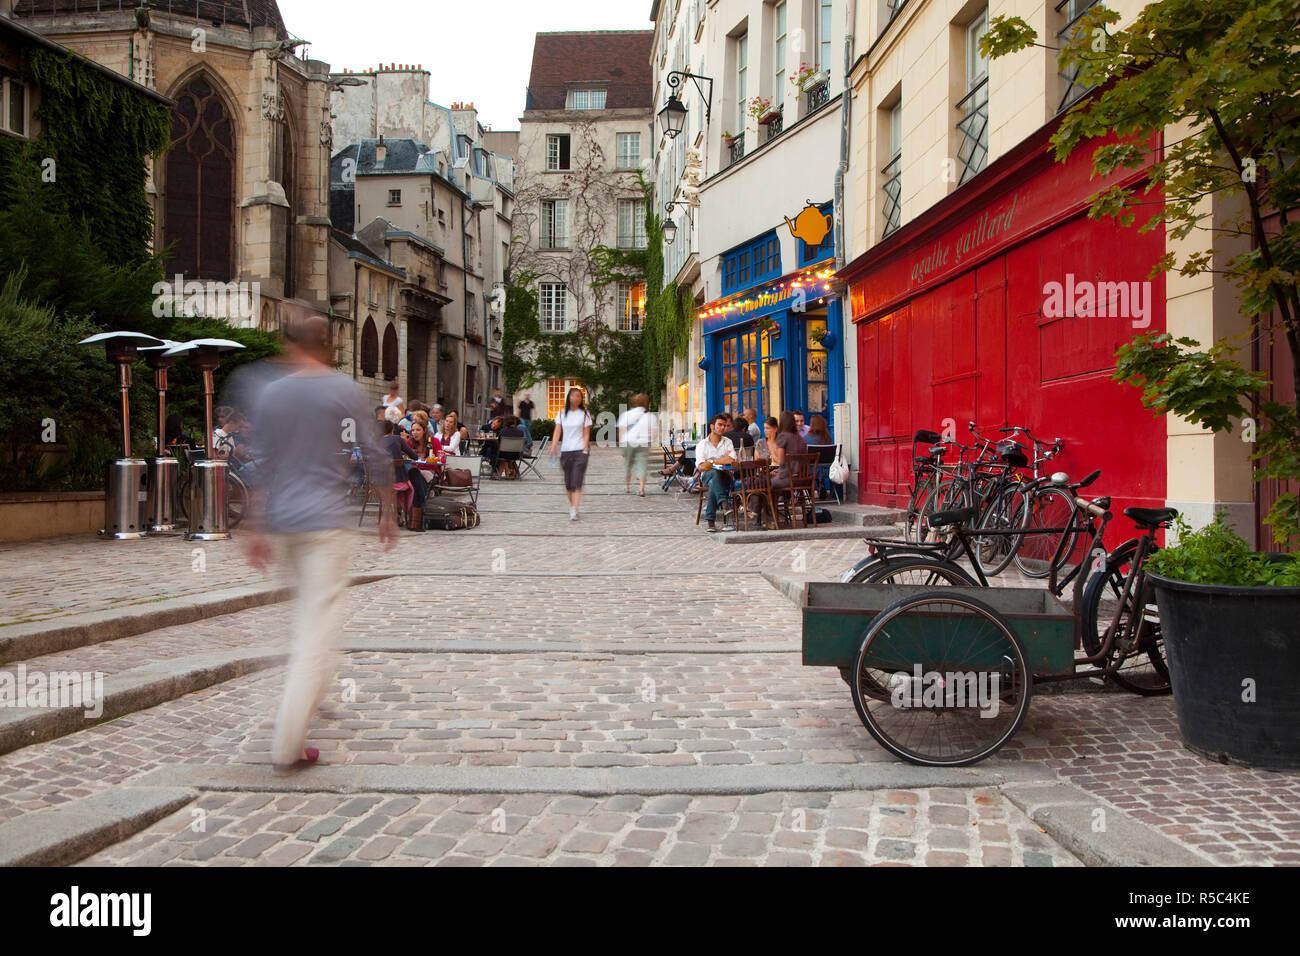 Rue du Pont Louis Philippe, Marais District, Paris, France - Stock Image